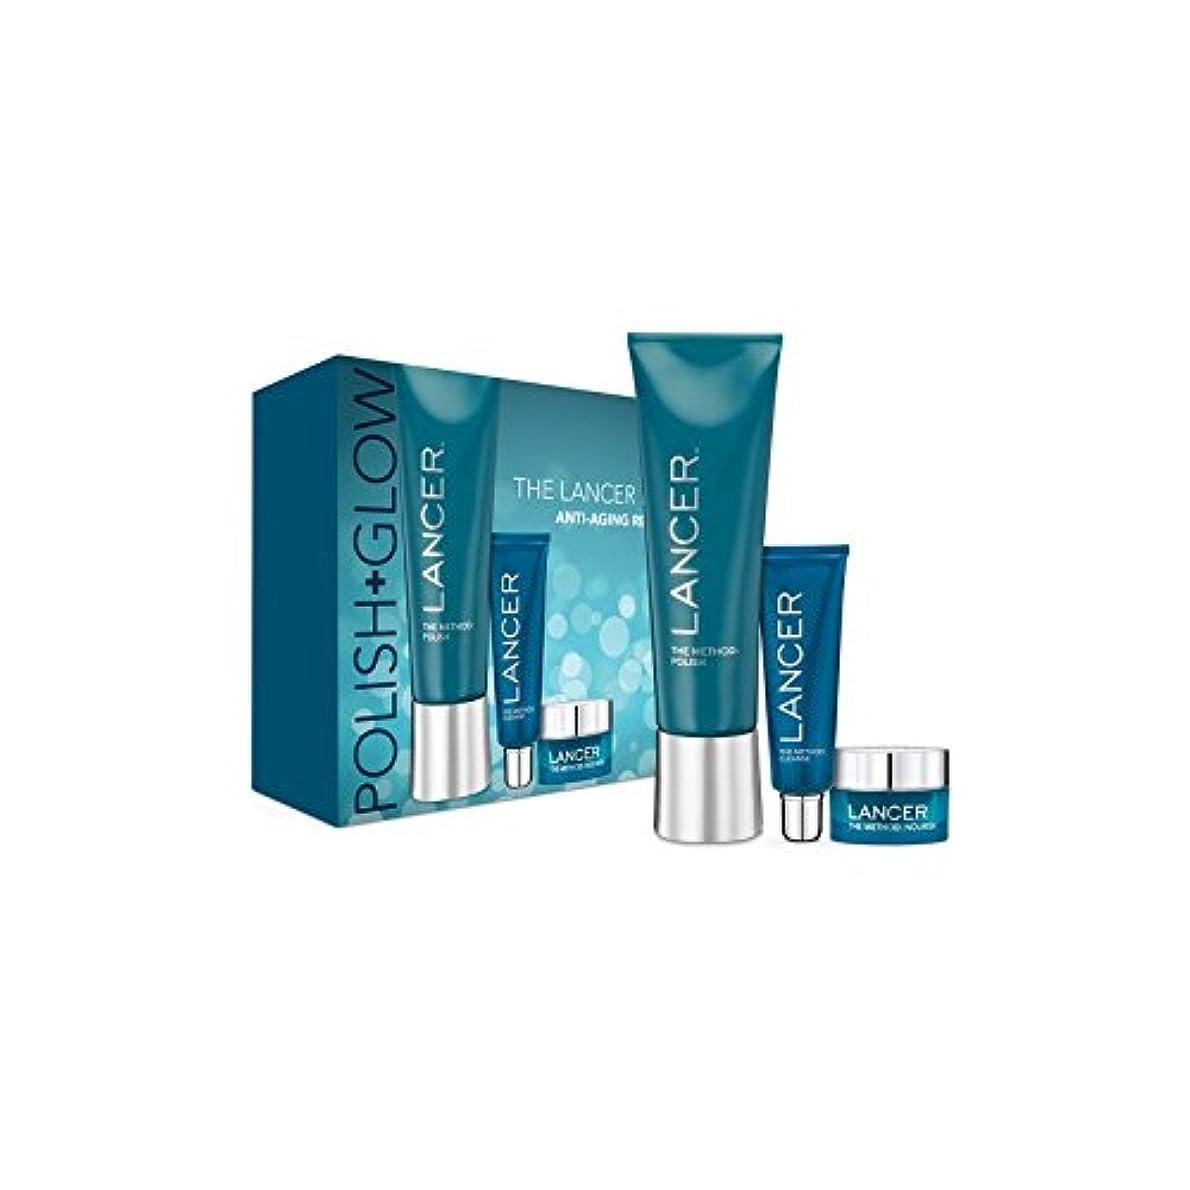 適応的欠如フィッティングランサーは、この方法をスキンケア:ポリッシュ&グロー x2 - Lancer Skincare The Method: Polish & Glow (Pack of 2) [並行輸入品]